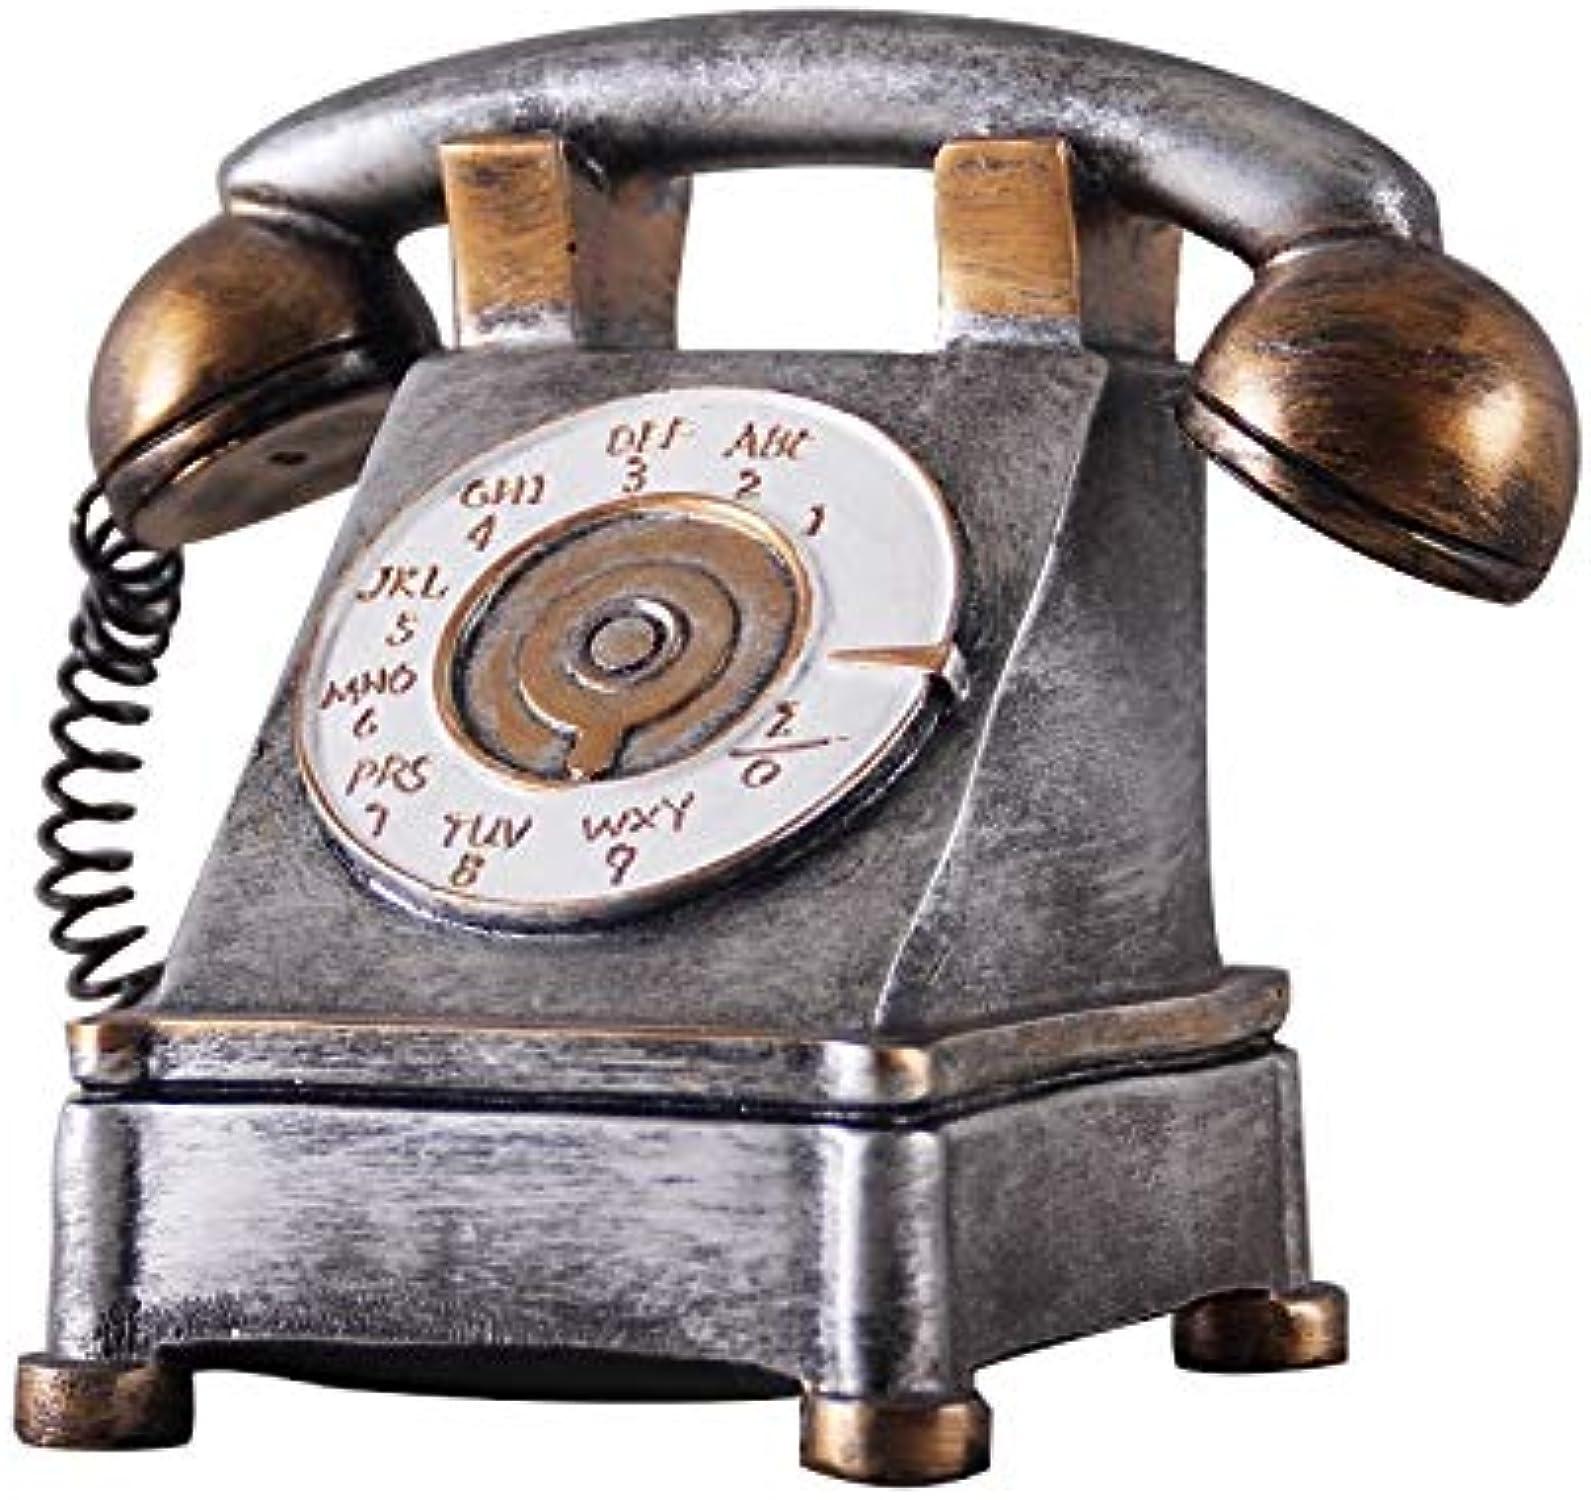 ventas de salida Inveroo Casa Decoración Europeo Retro Teléfono Ornamentos Teléfono Miniatura Miniatura Miniatura Tienda Monedas Resina Artesanías Caja Dinegro Casa Accesorios De Decoración  Con 100% de calidad y servicio de% 100.